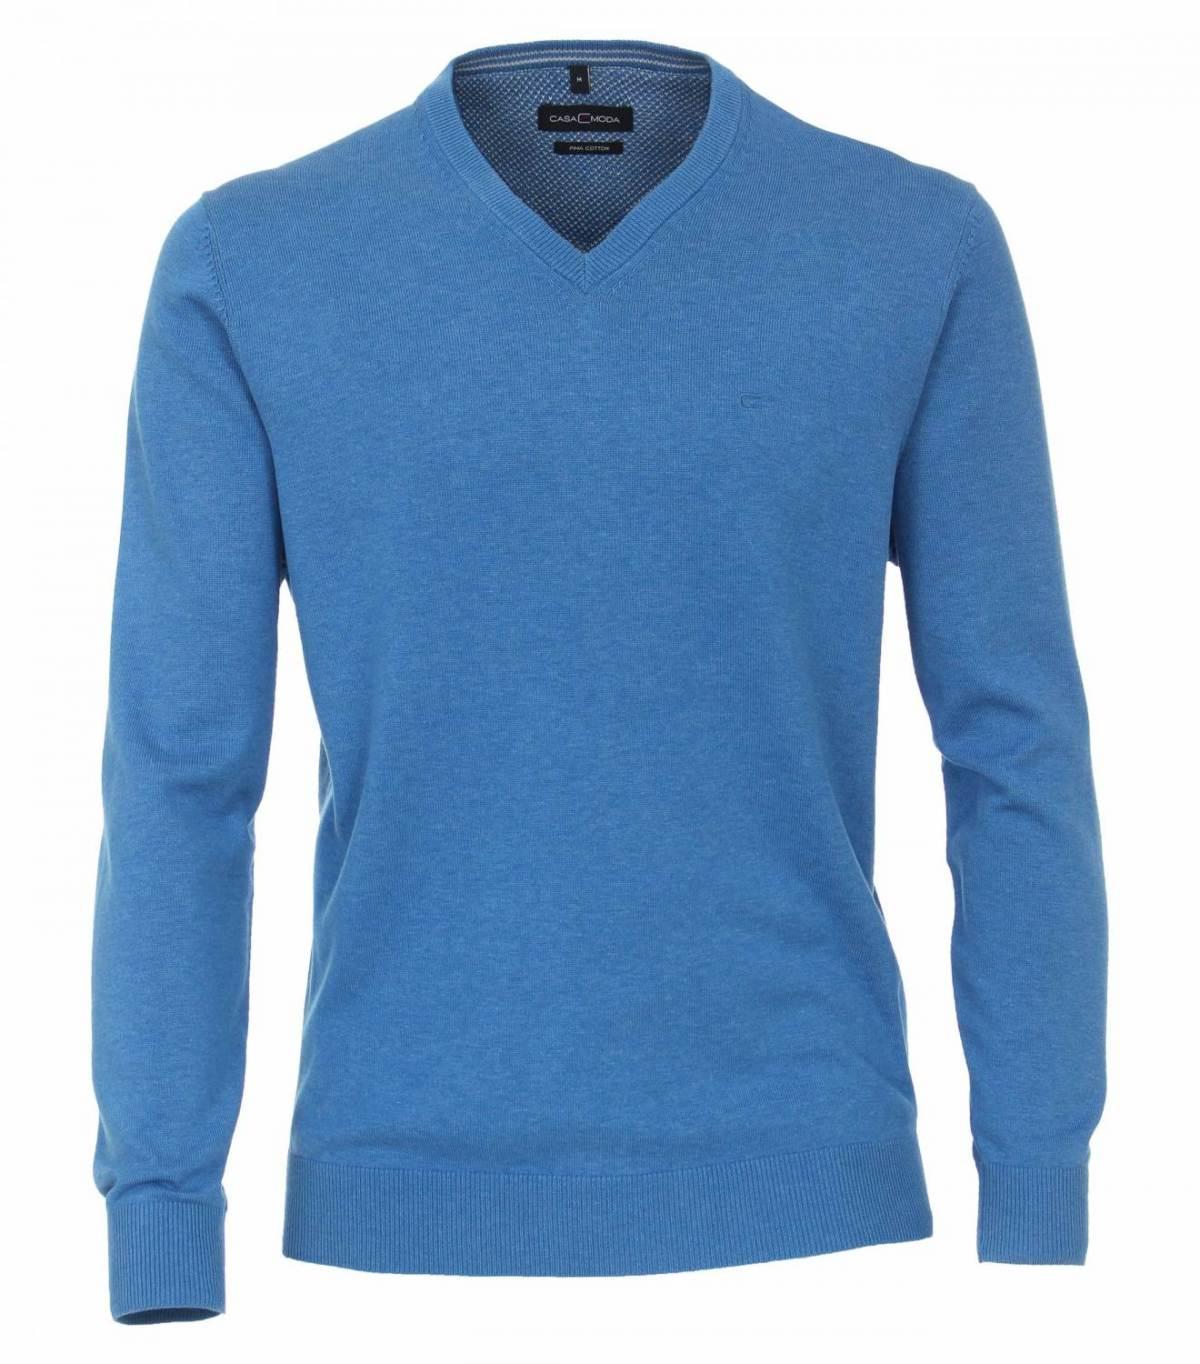 004430 101 - - Con Murphys Menswear